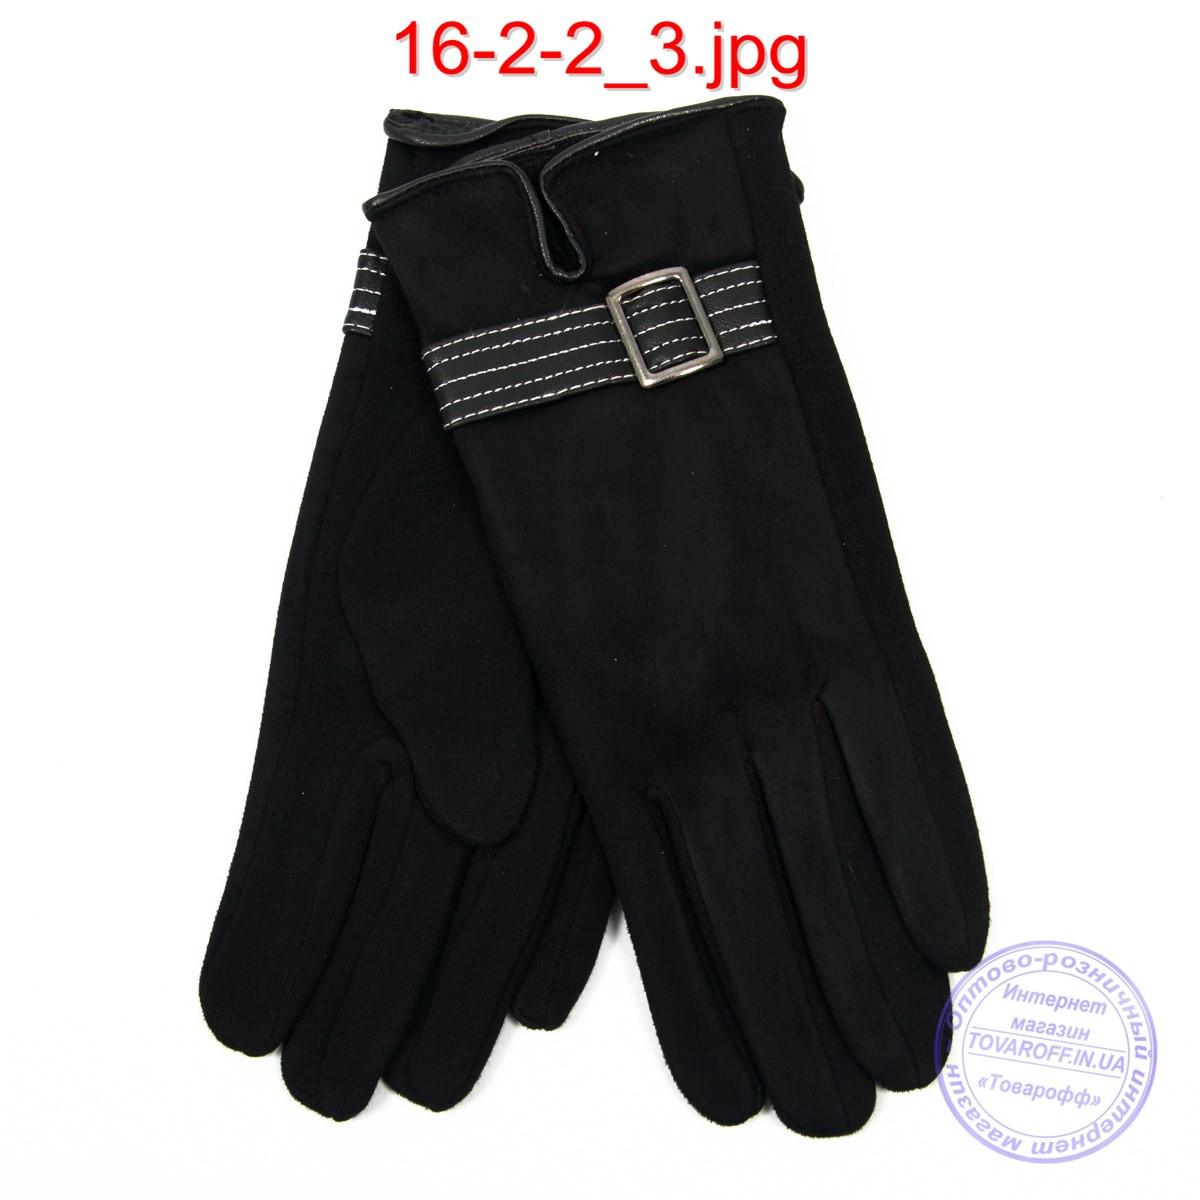 Оптом женские трикотажно-велюровые перчатки с плюшевой подкладкой - №16-2-2